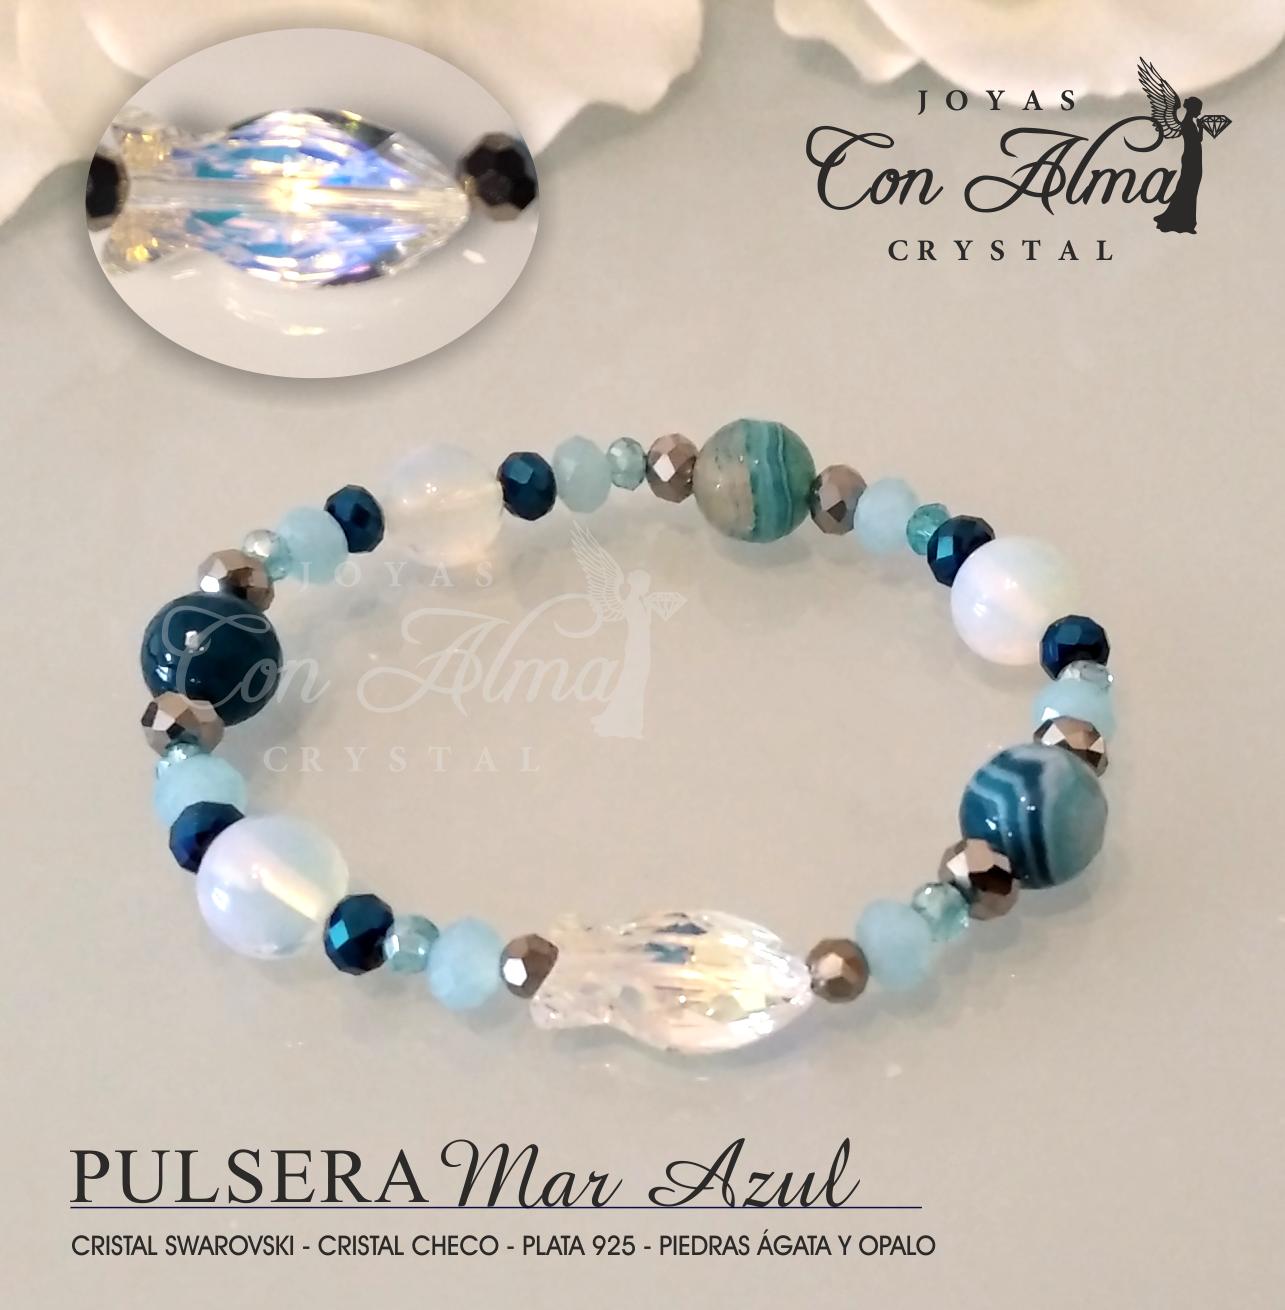 Pulsera Mar Azul  16,89 €